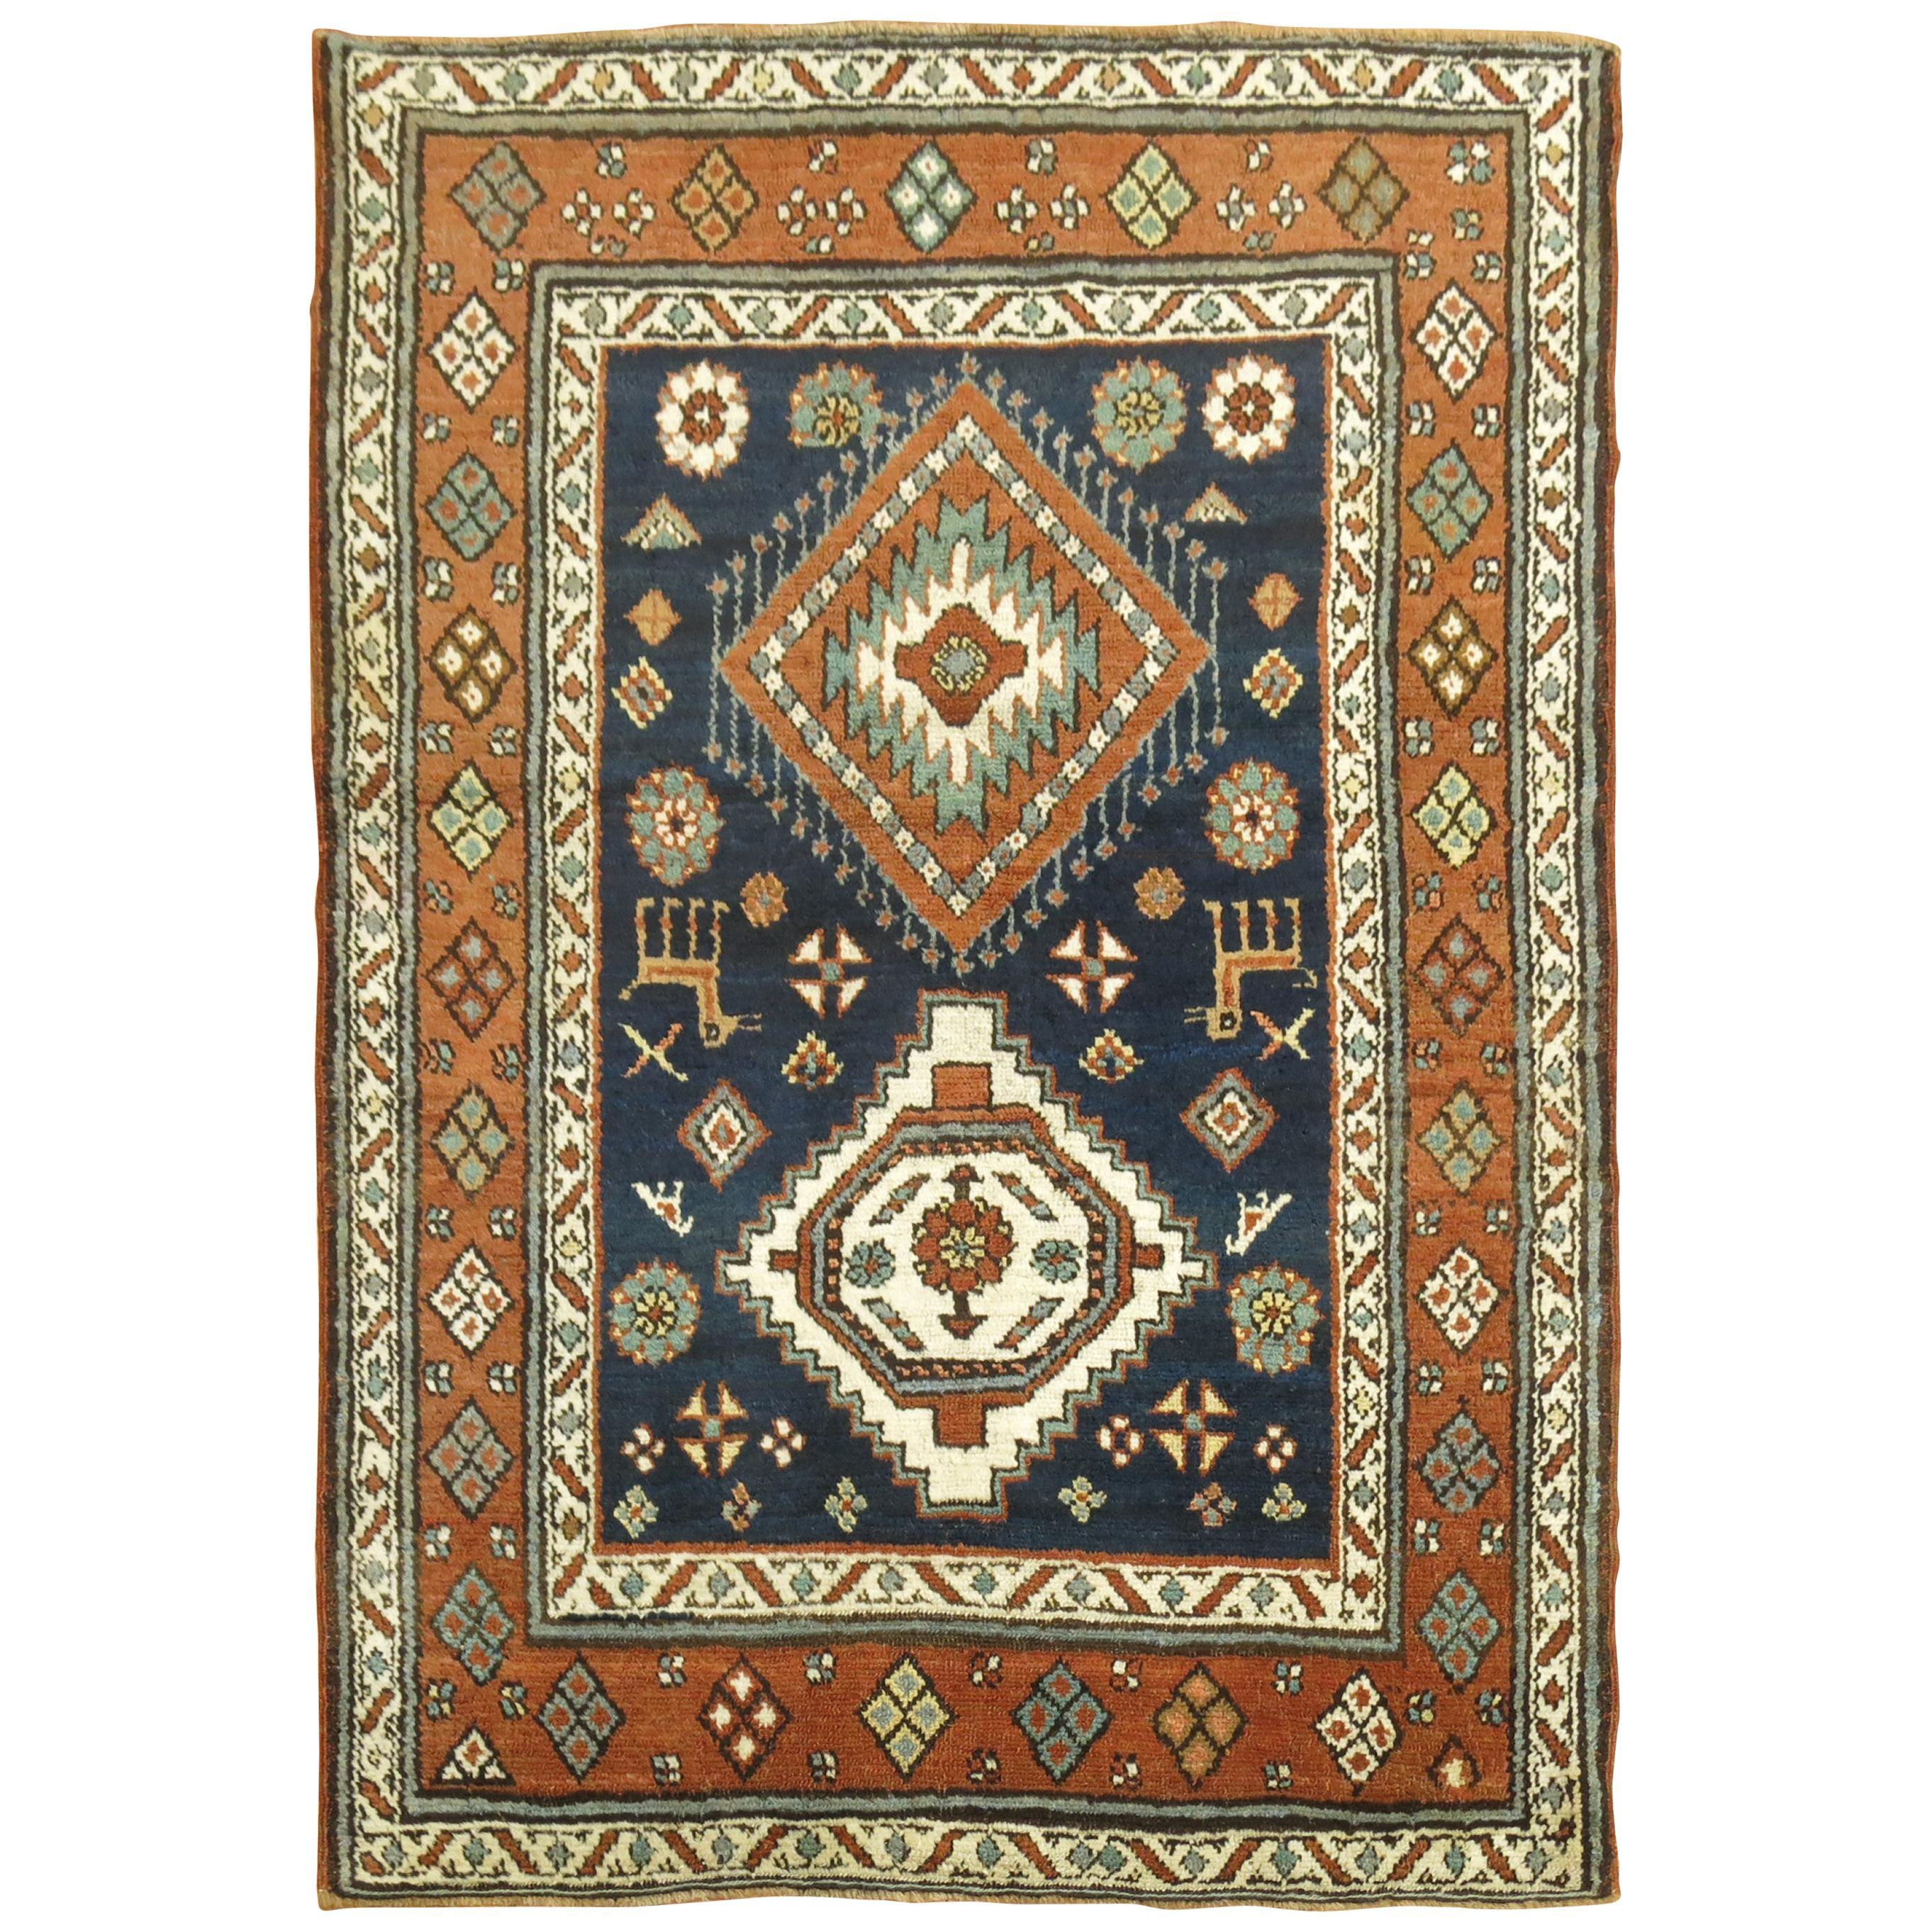 Antique Persian Heriz Scatter Tribal Rug